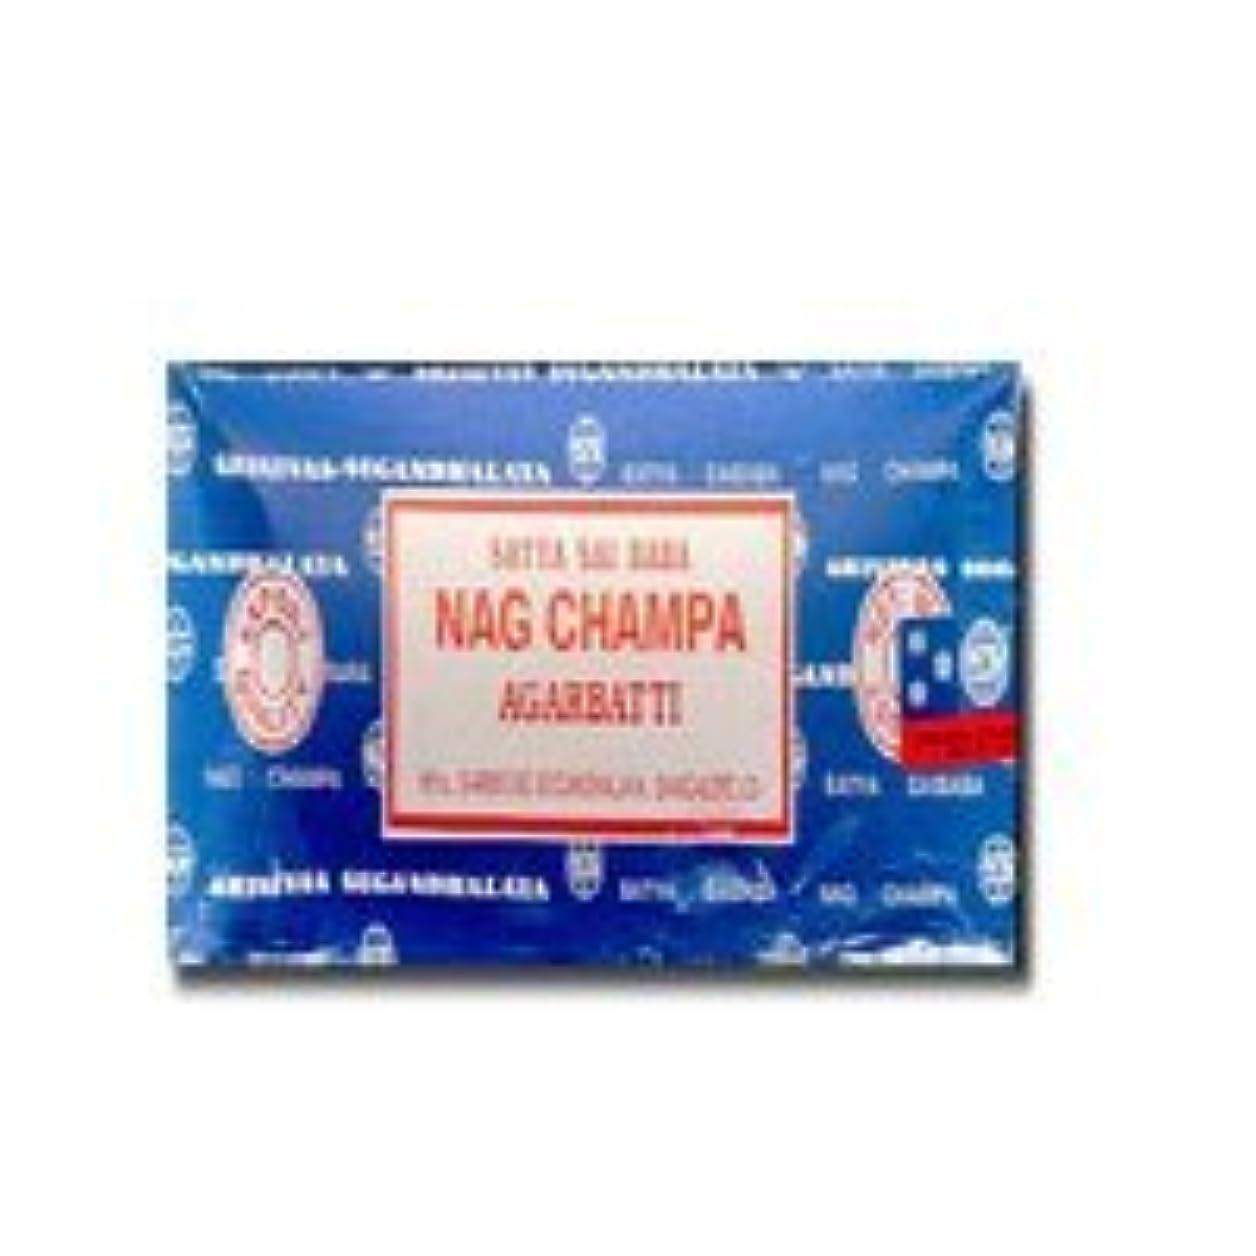 傾向私たちのもの異常なNag Champa Incense 40 Gms by Sai Baba (Pack of 2) [並行輸入品]